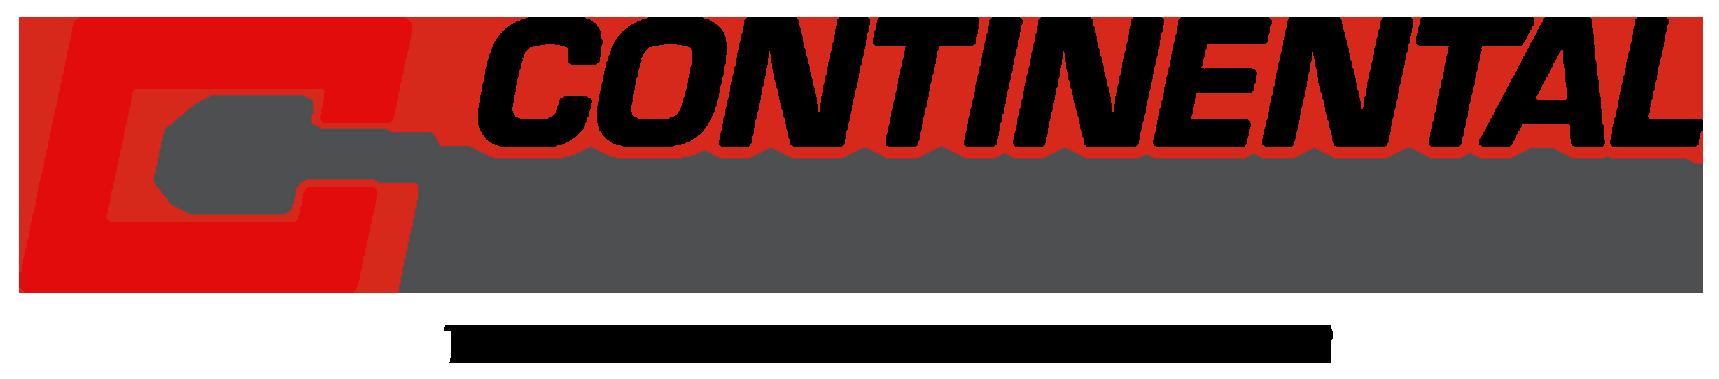 ROB280-63602-A1